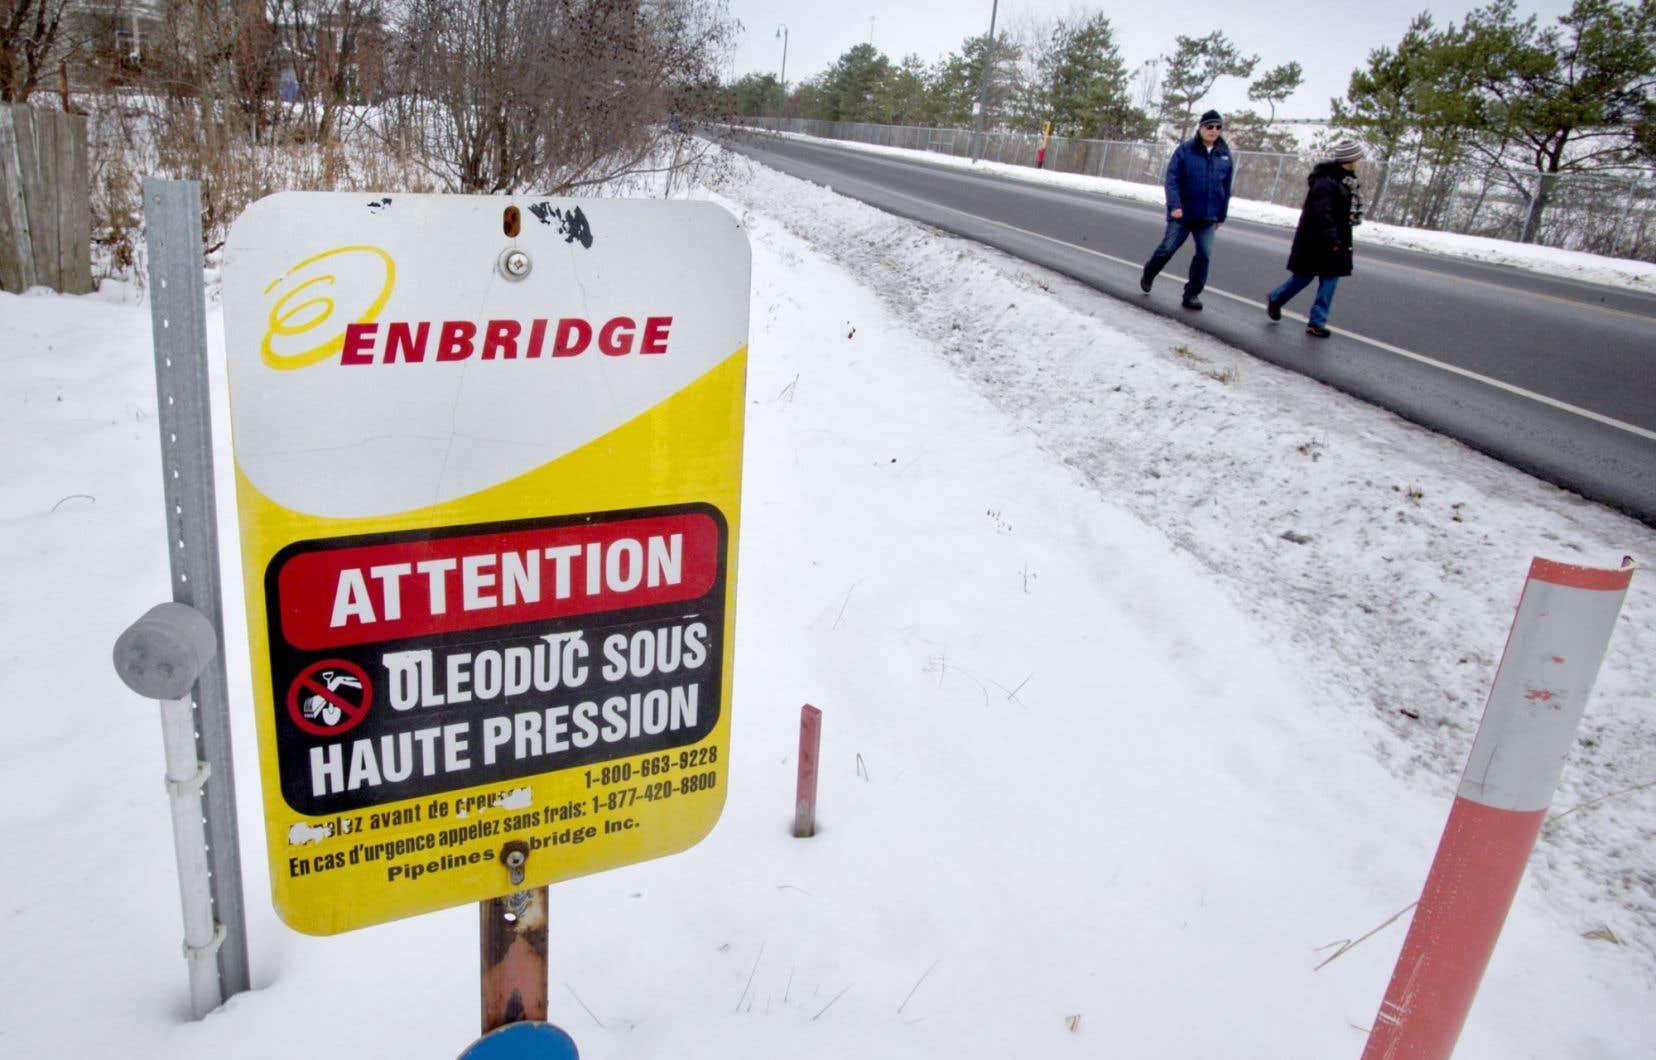 Dans une lettre de 22 pages datée du 14 novembre, Enbridge tente de rassurer la CMM, organisme regroupant 82 villes.